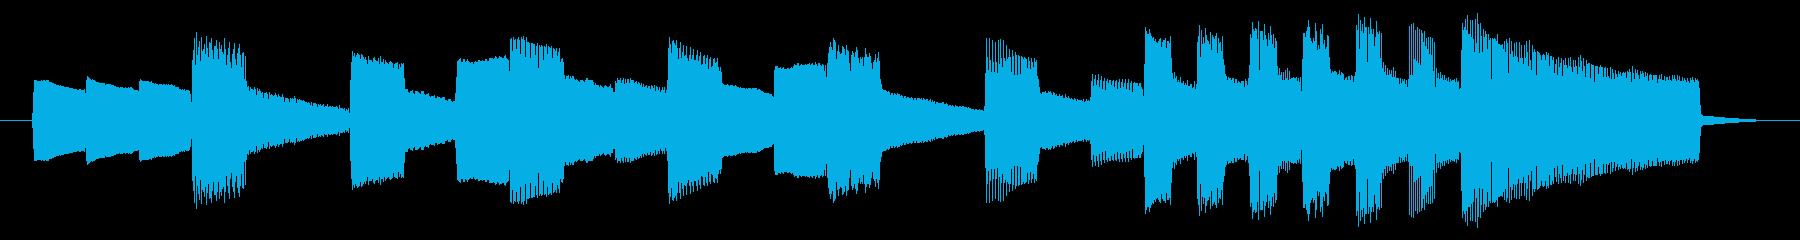 NES 汎用 A03-1(クリア1)の再生済みの波形